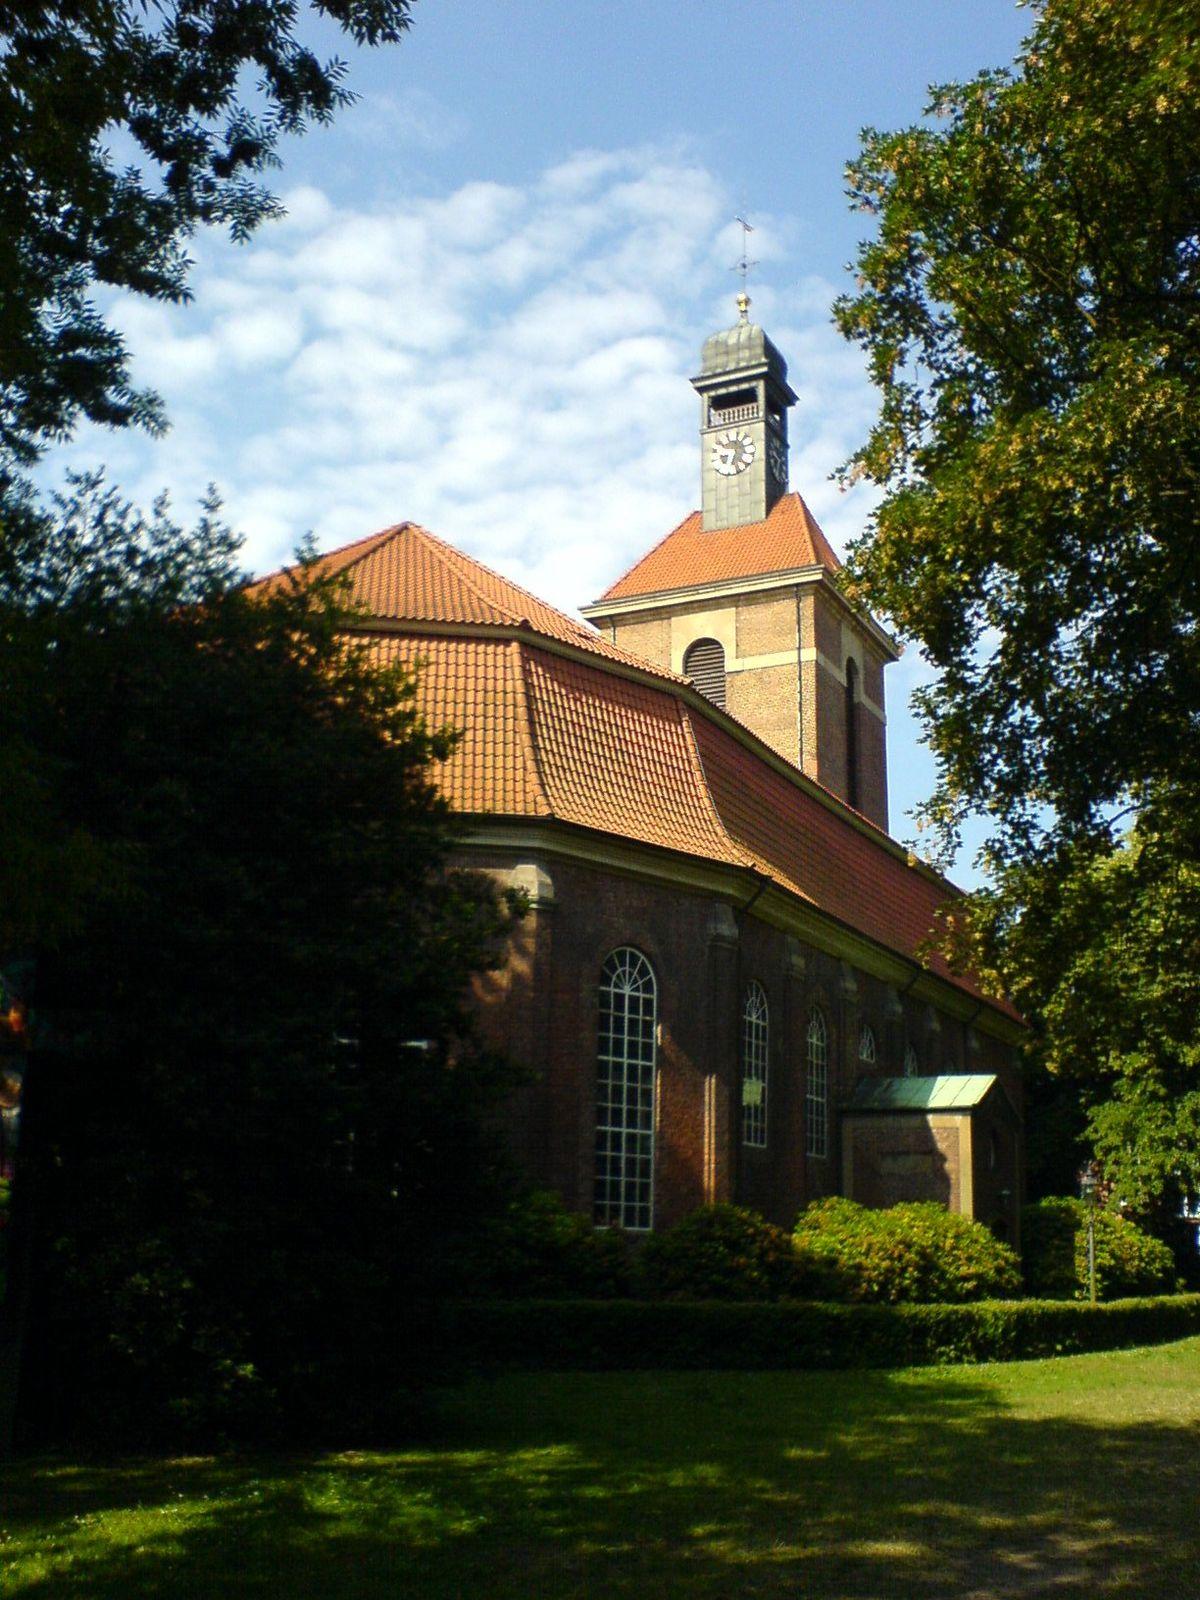 Christianskirche (Ottensen) u2013 Wikipedia